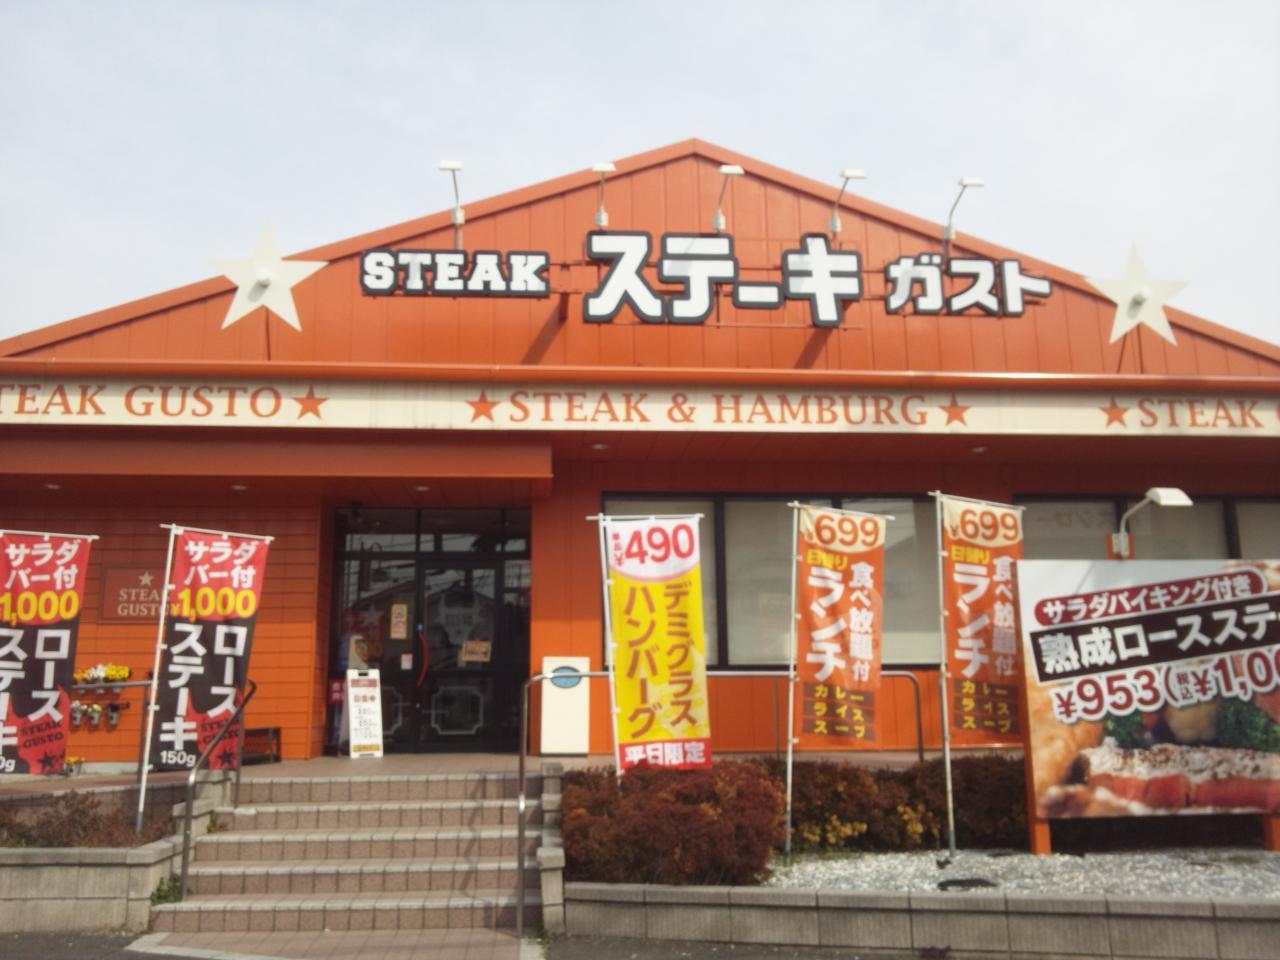 ステーキガスト川崎野川店(店舗外観)